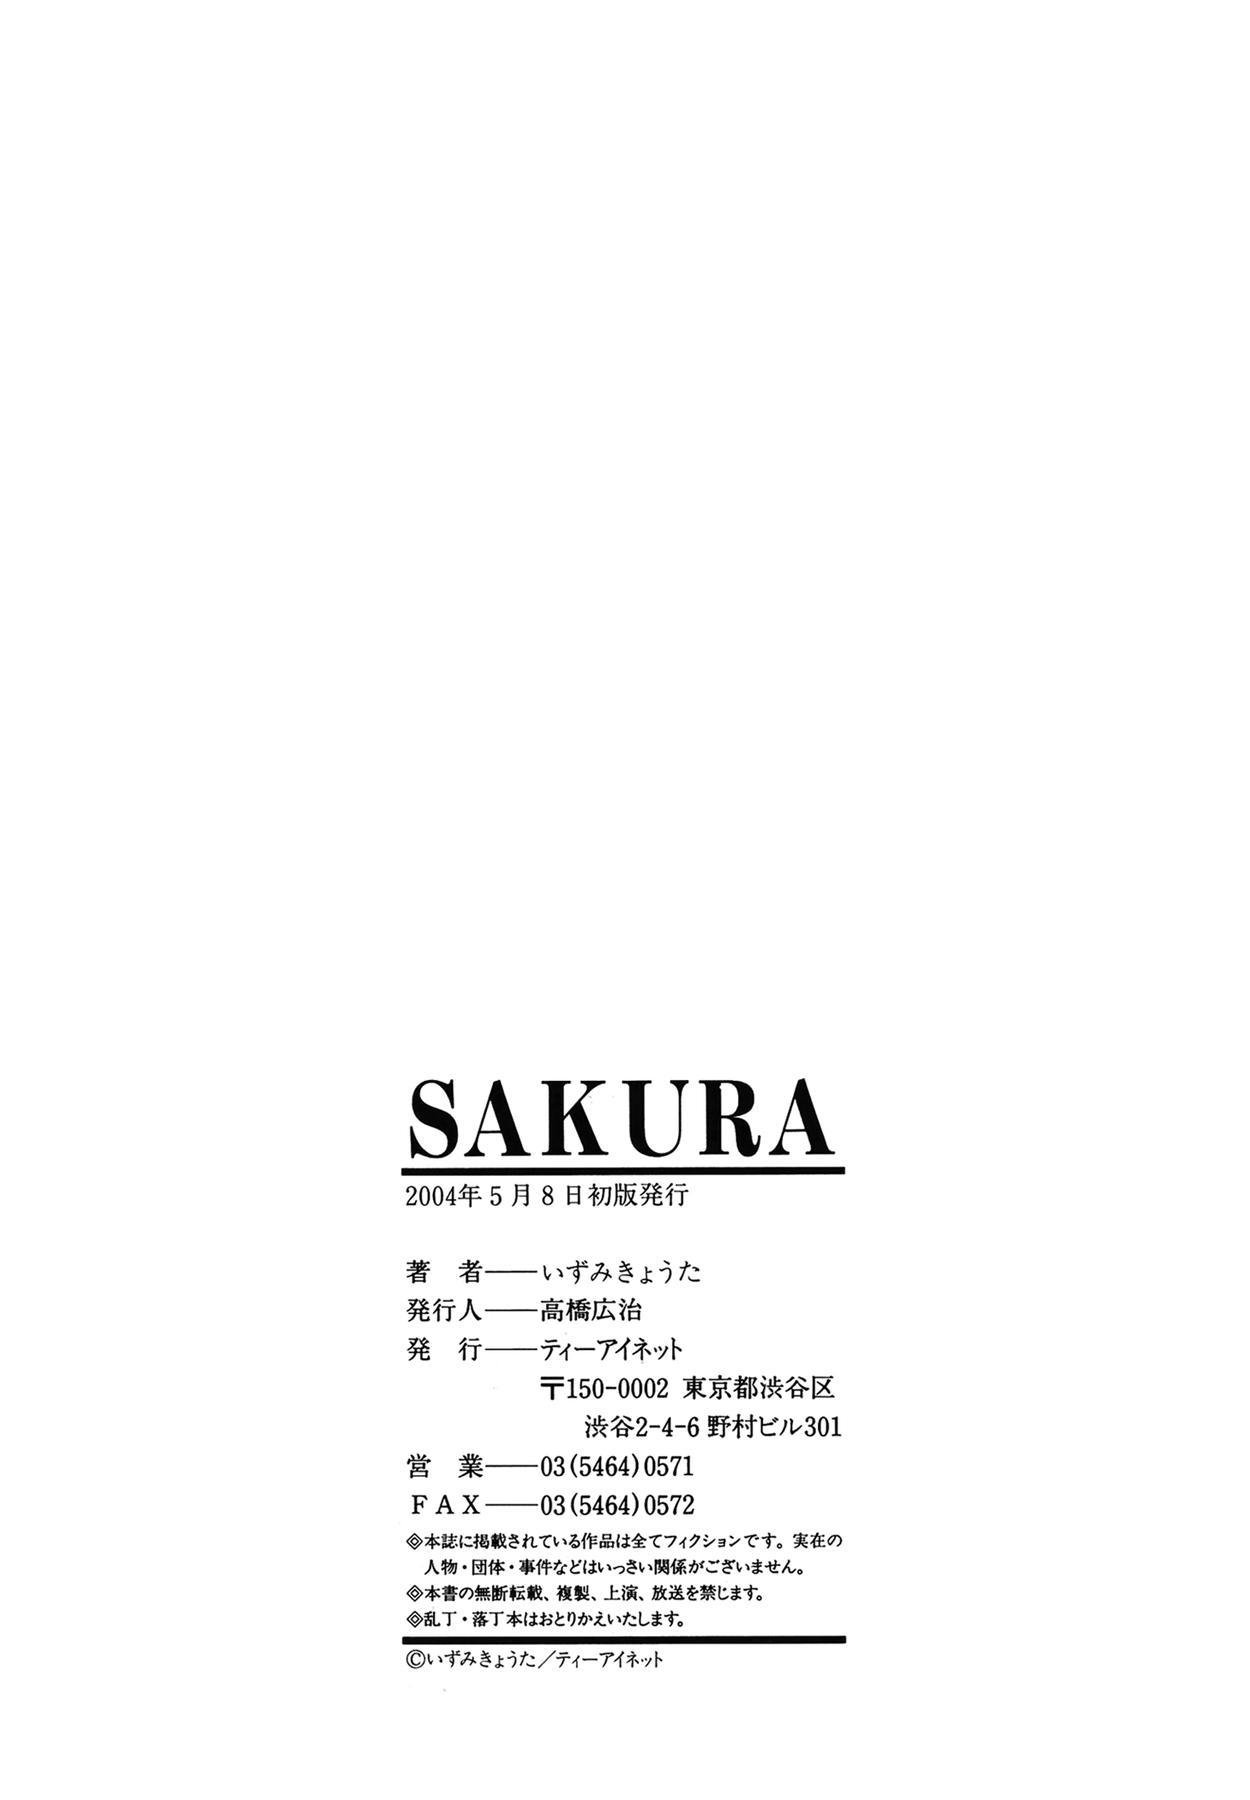 SAKURA 198